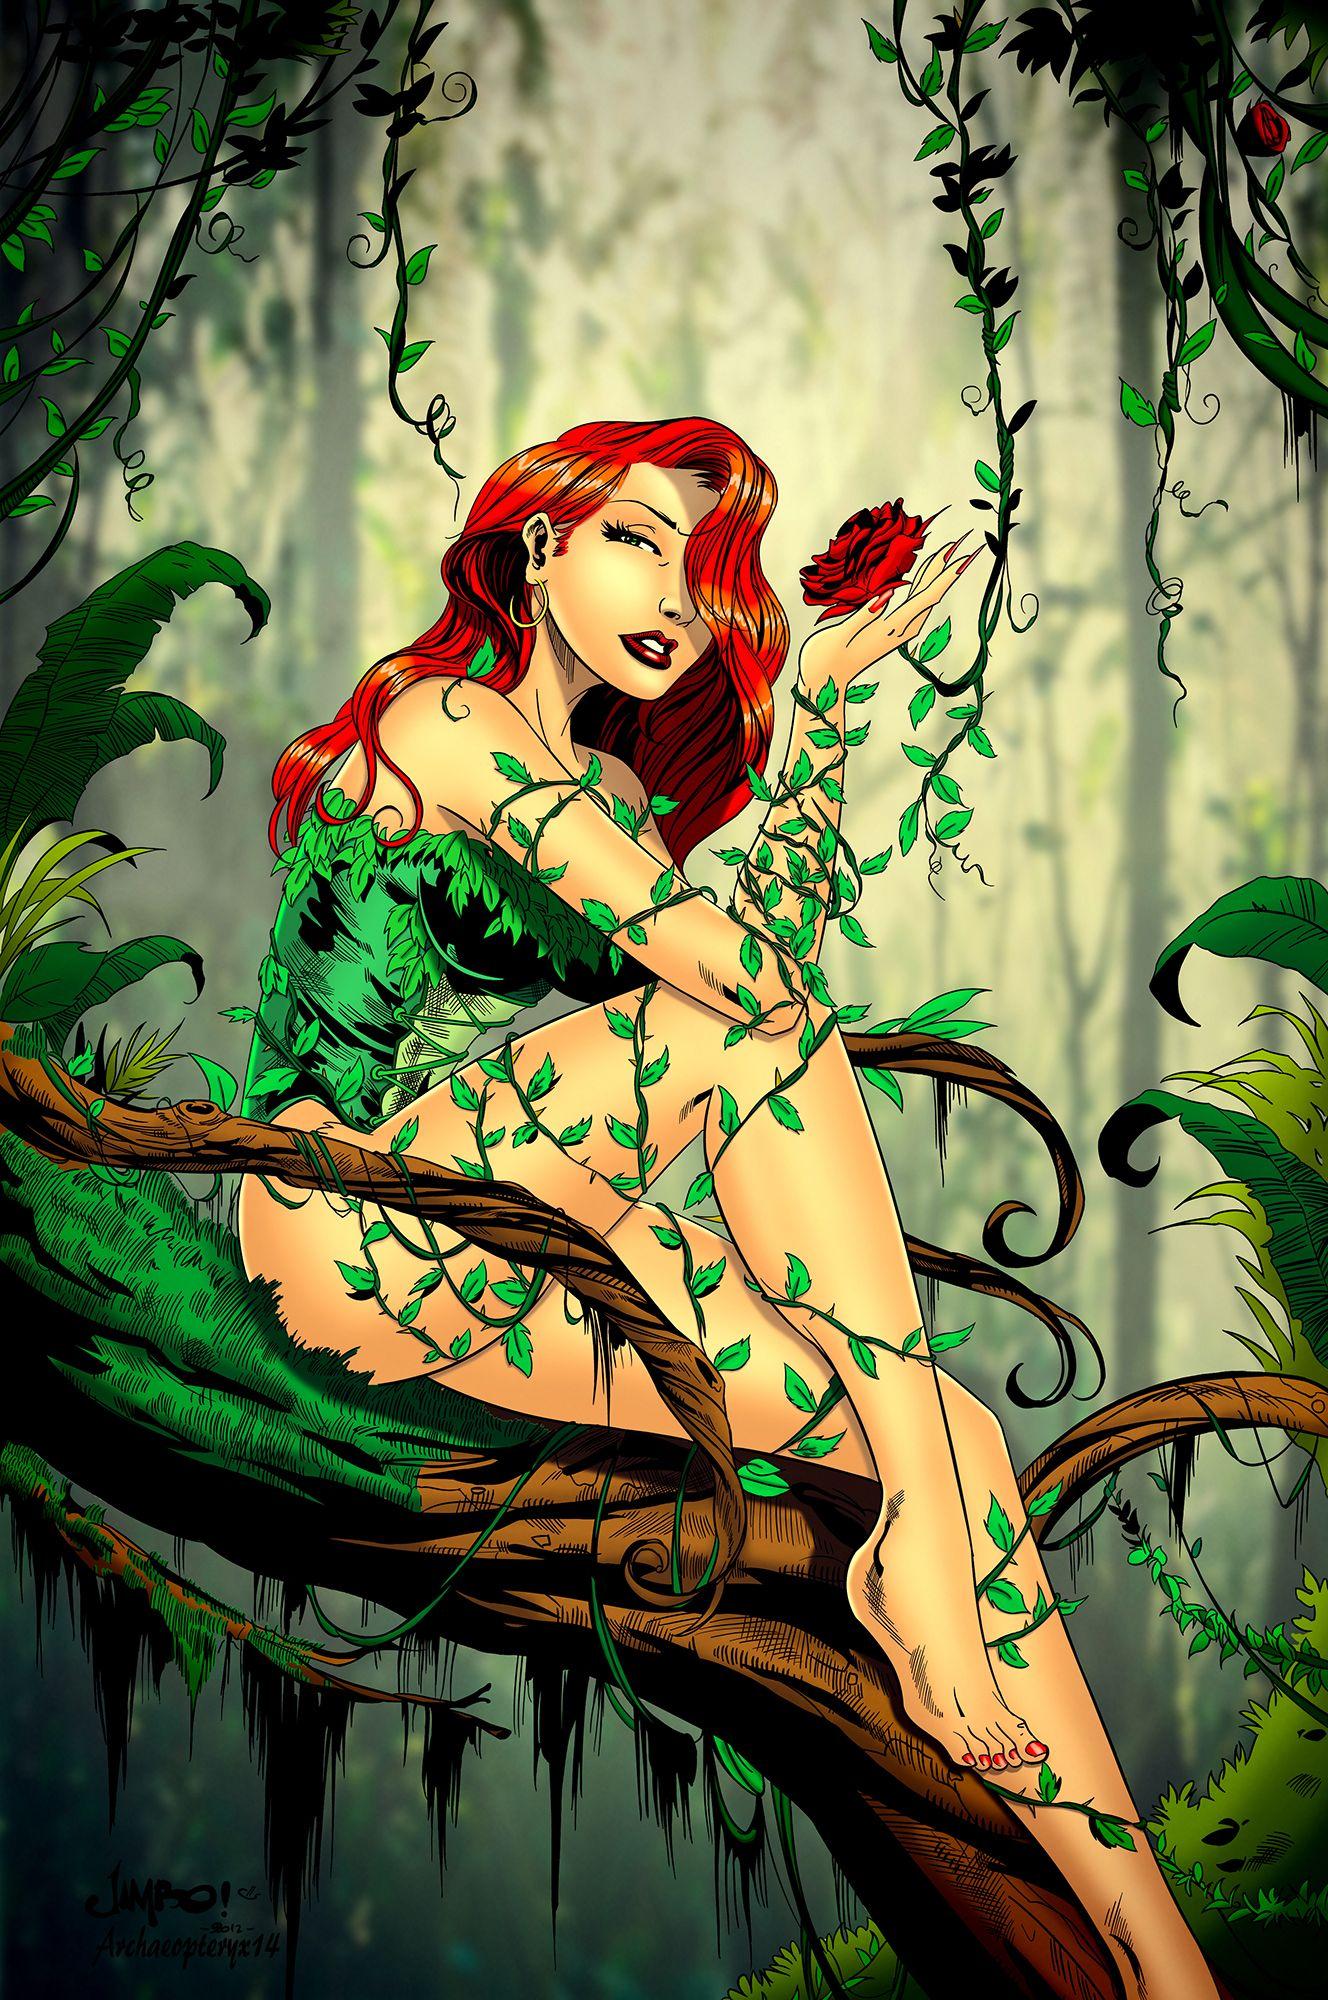 36186f8fe Poison Ivy by Archaeopteryx14.deviantart.com on @deviantART | Poison ...